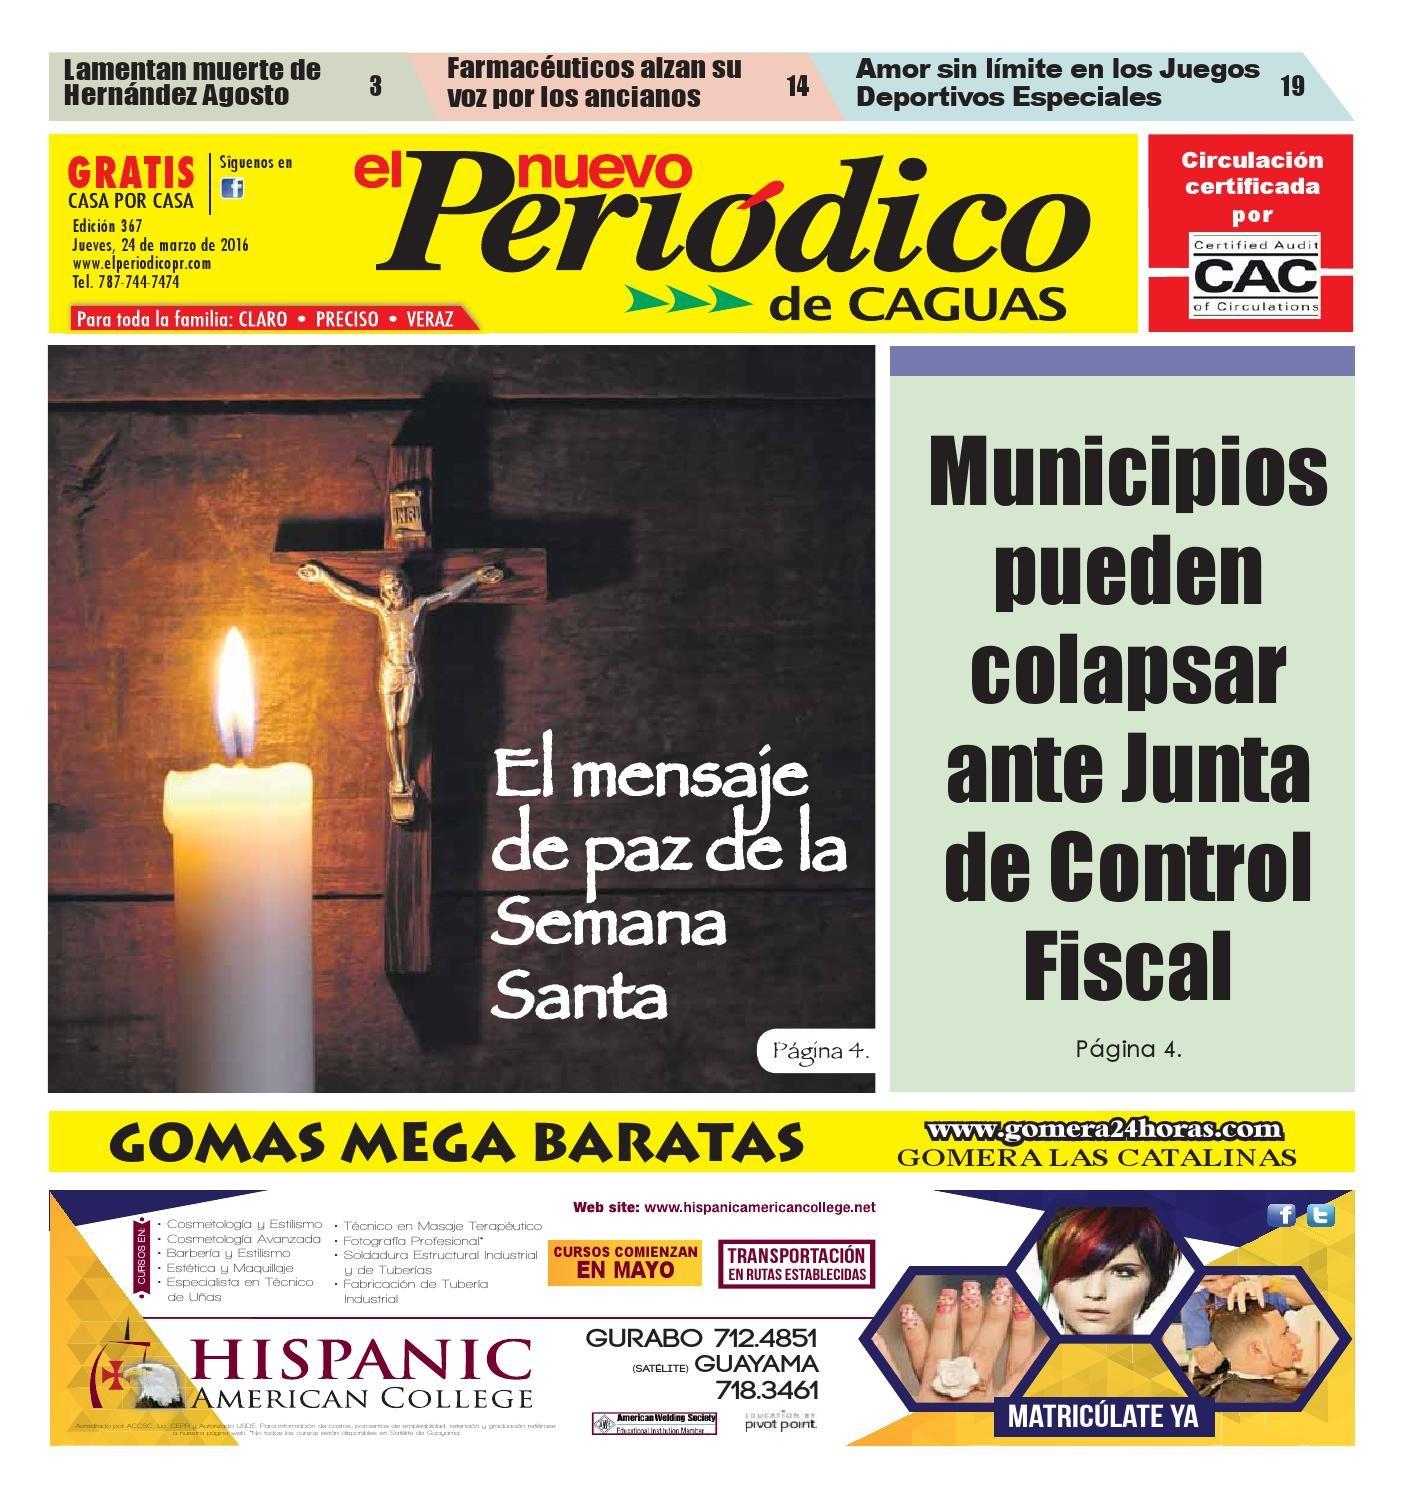 Calendario Escolar 2019 Monterrey Más Recientes El Nuevo Peri³dico 367 by El Nuevo Periodico De Caguas issuu